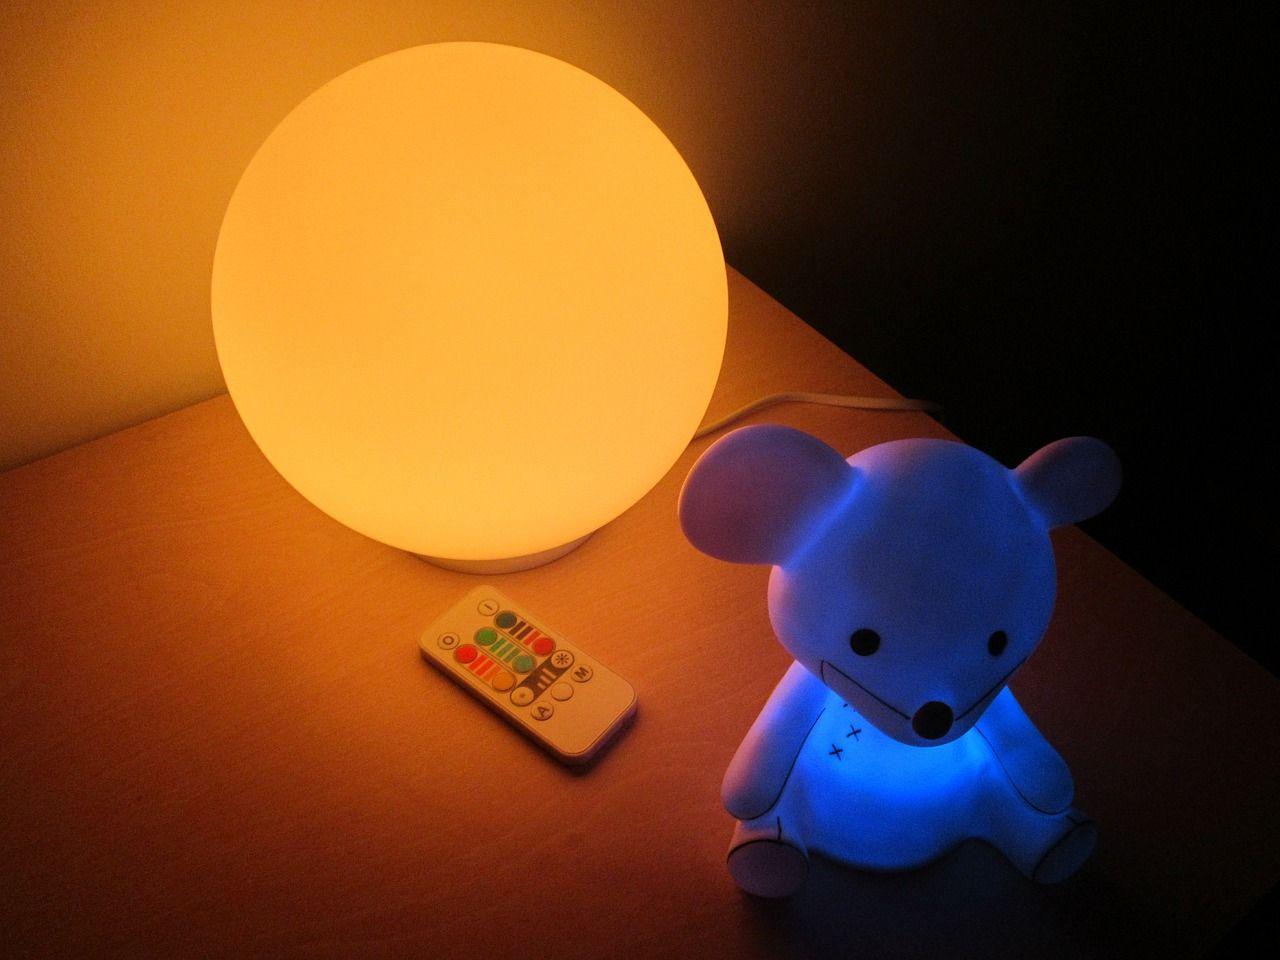 Miglior luce notturna per bambini guida alla scelta tra forme